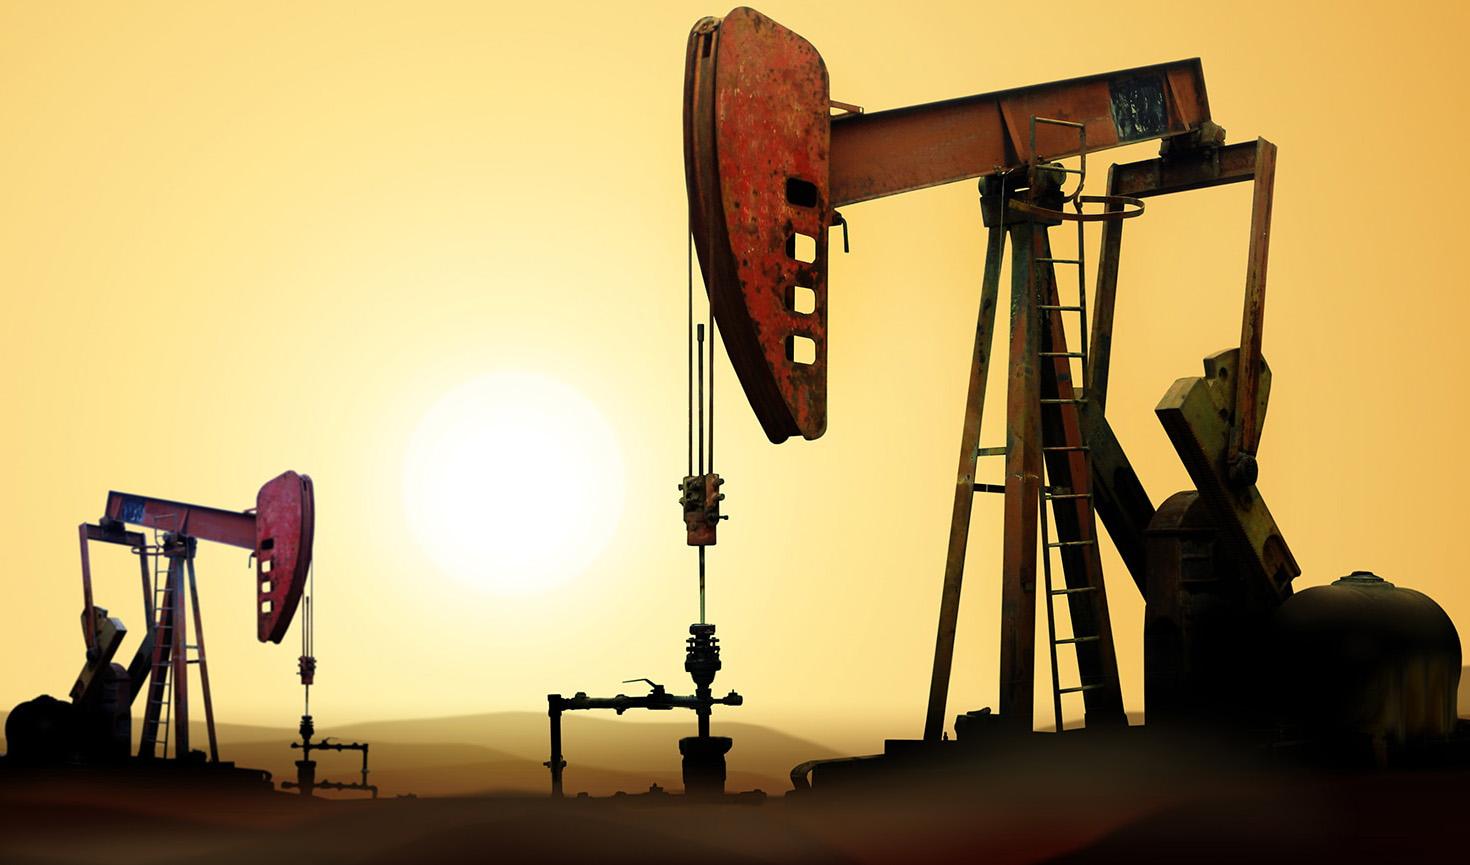 صادرات نفت به مشتریان سنتی ایران ادامه دارد